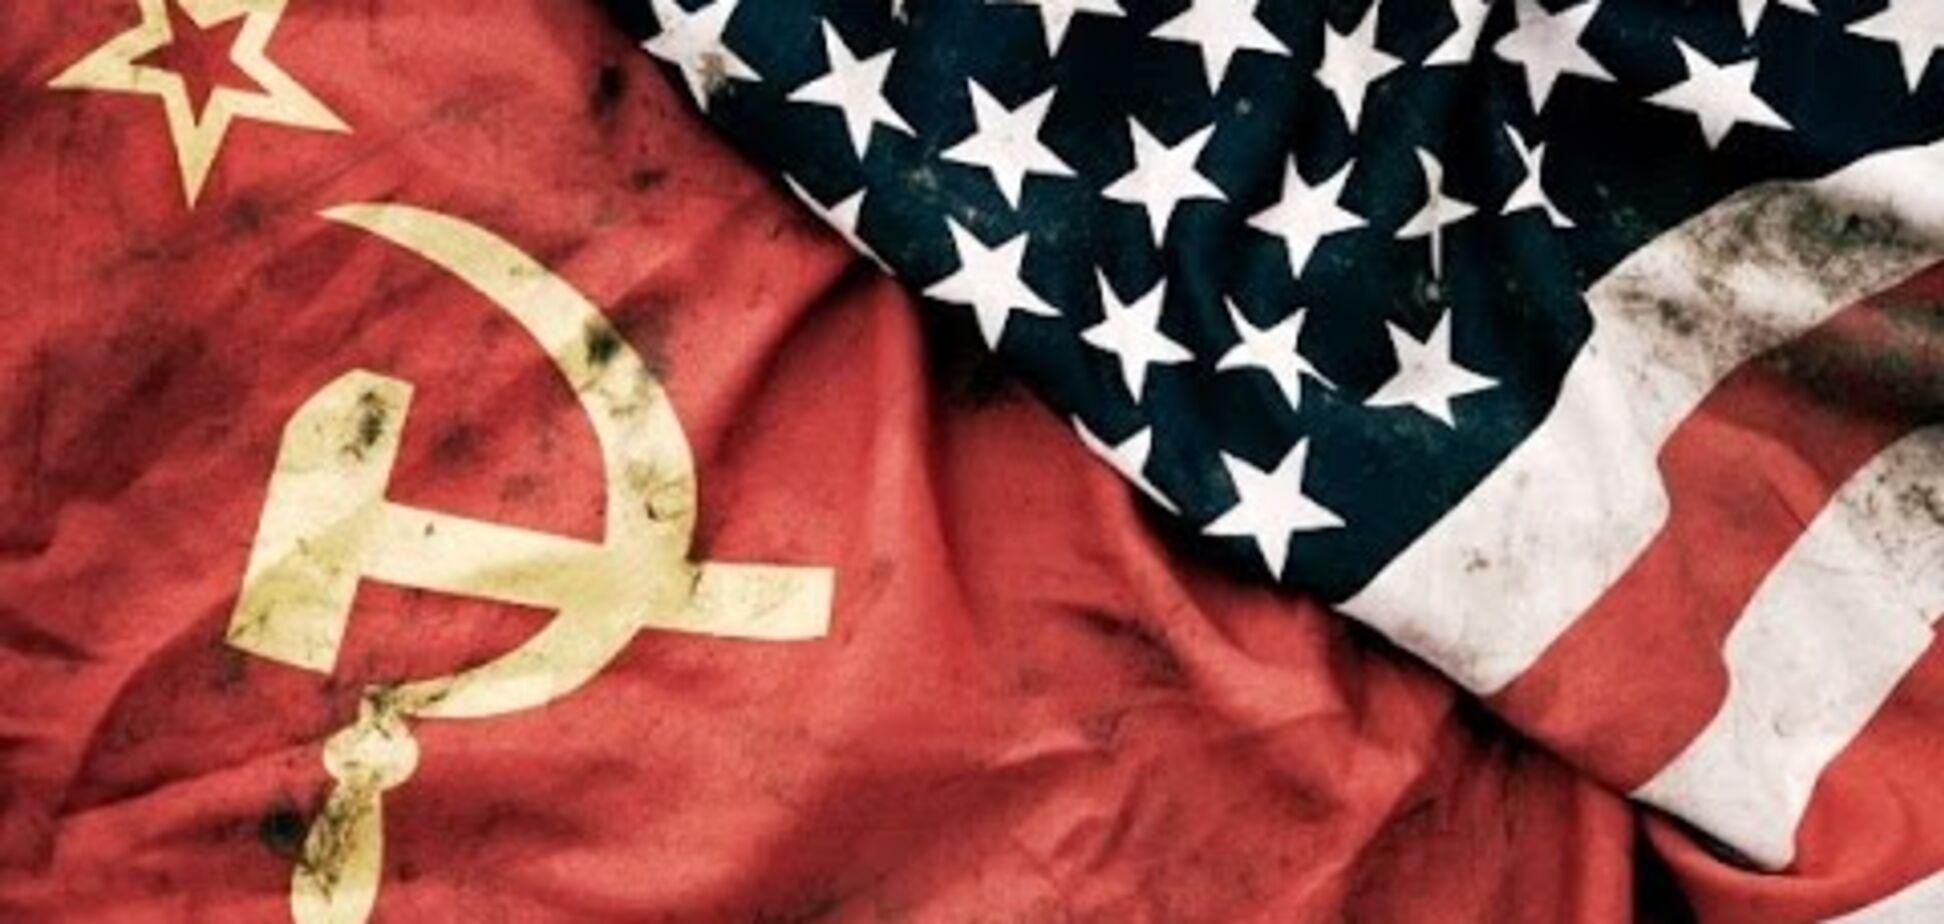 США хотели объявить войну СССР: рассекречены важные архивы